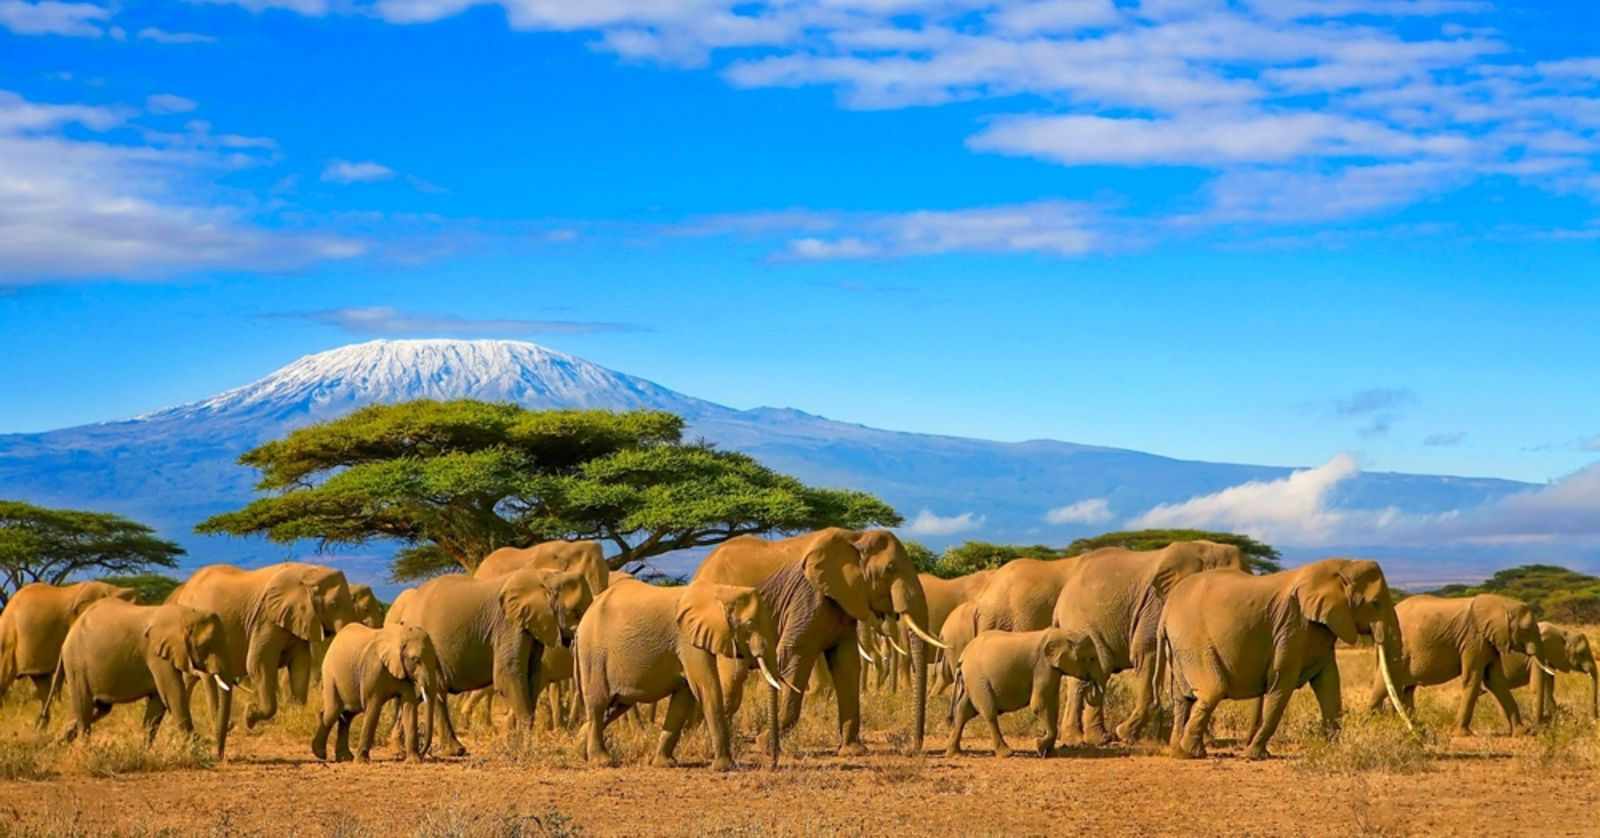 Kenia Kilimandscharo with Elephants